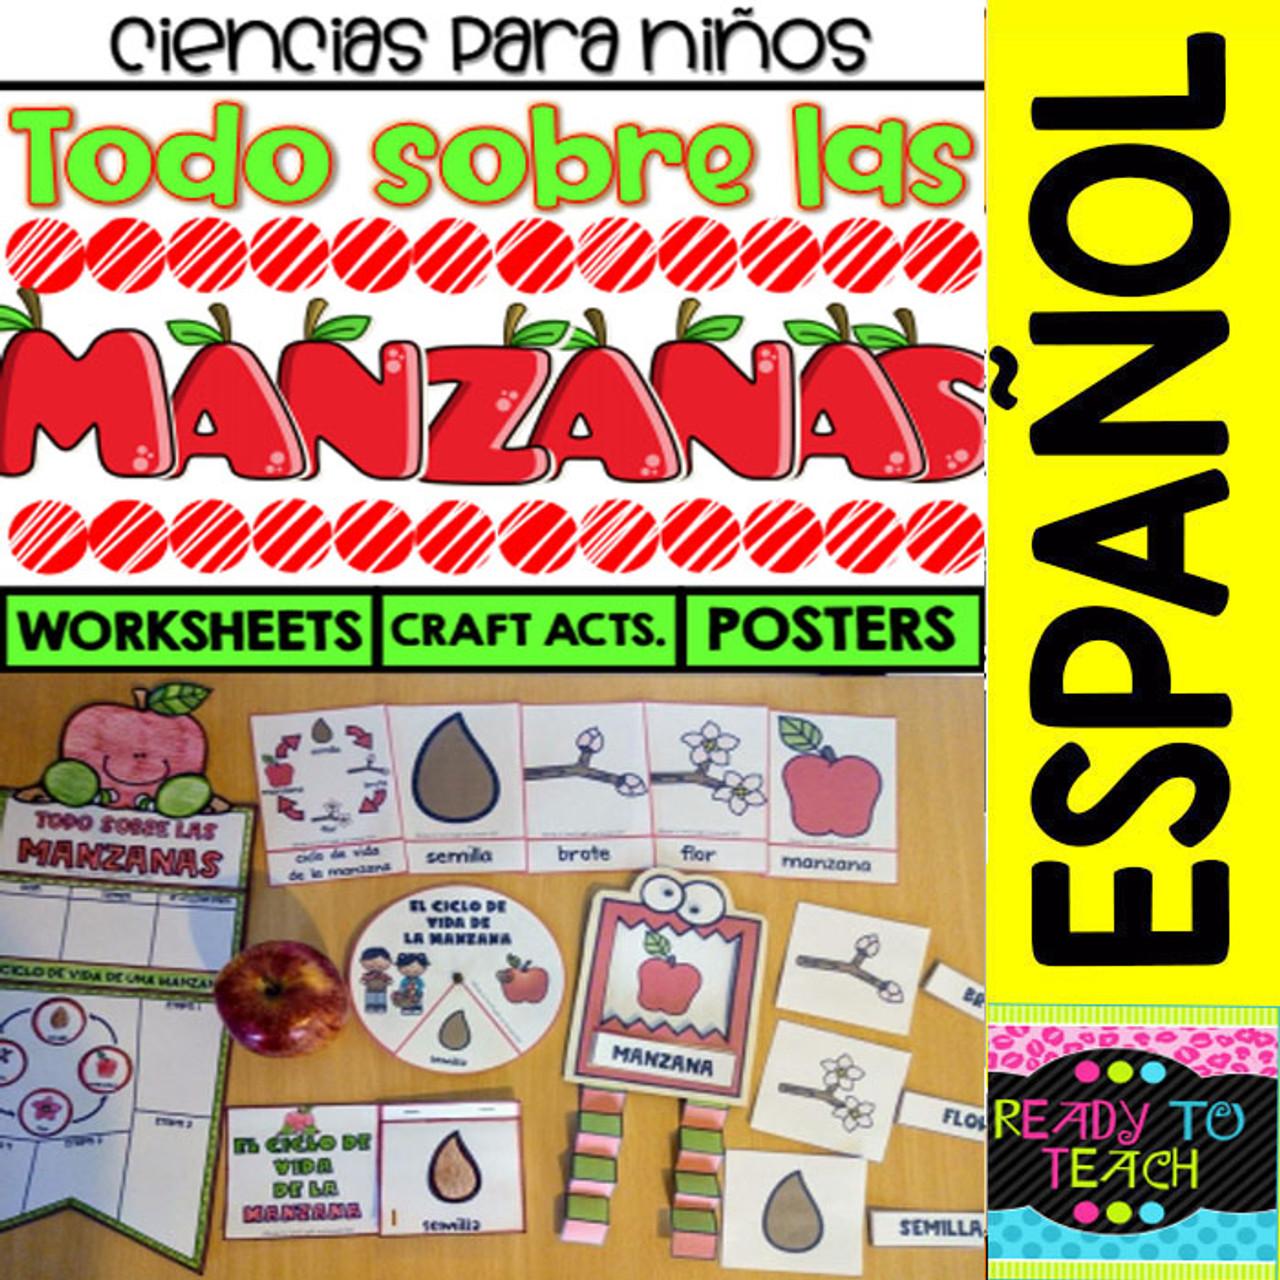 Todo sobre Las Manzanas - Ciencias para Niños - Worksheets/Crafts/Posters